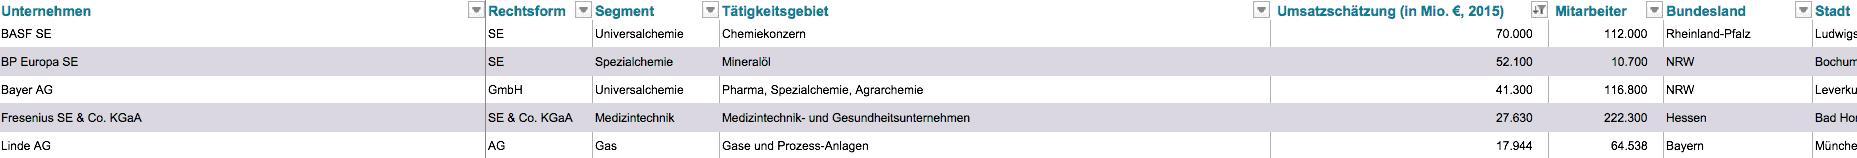 Größte Chemie Unternehmen Konzerne Deutschland